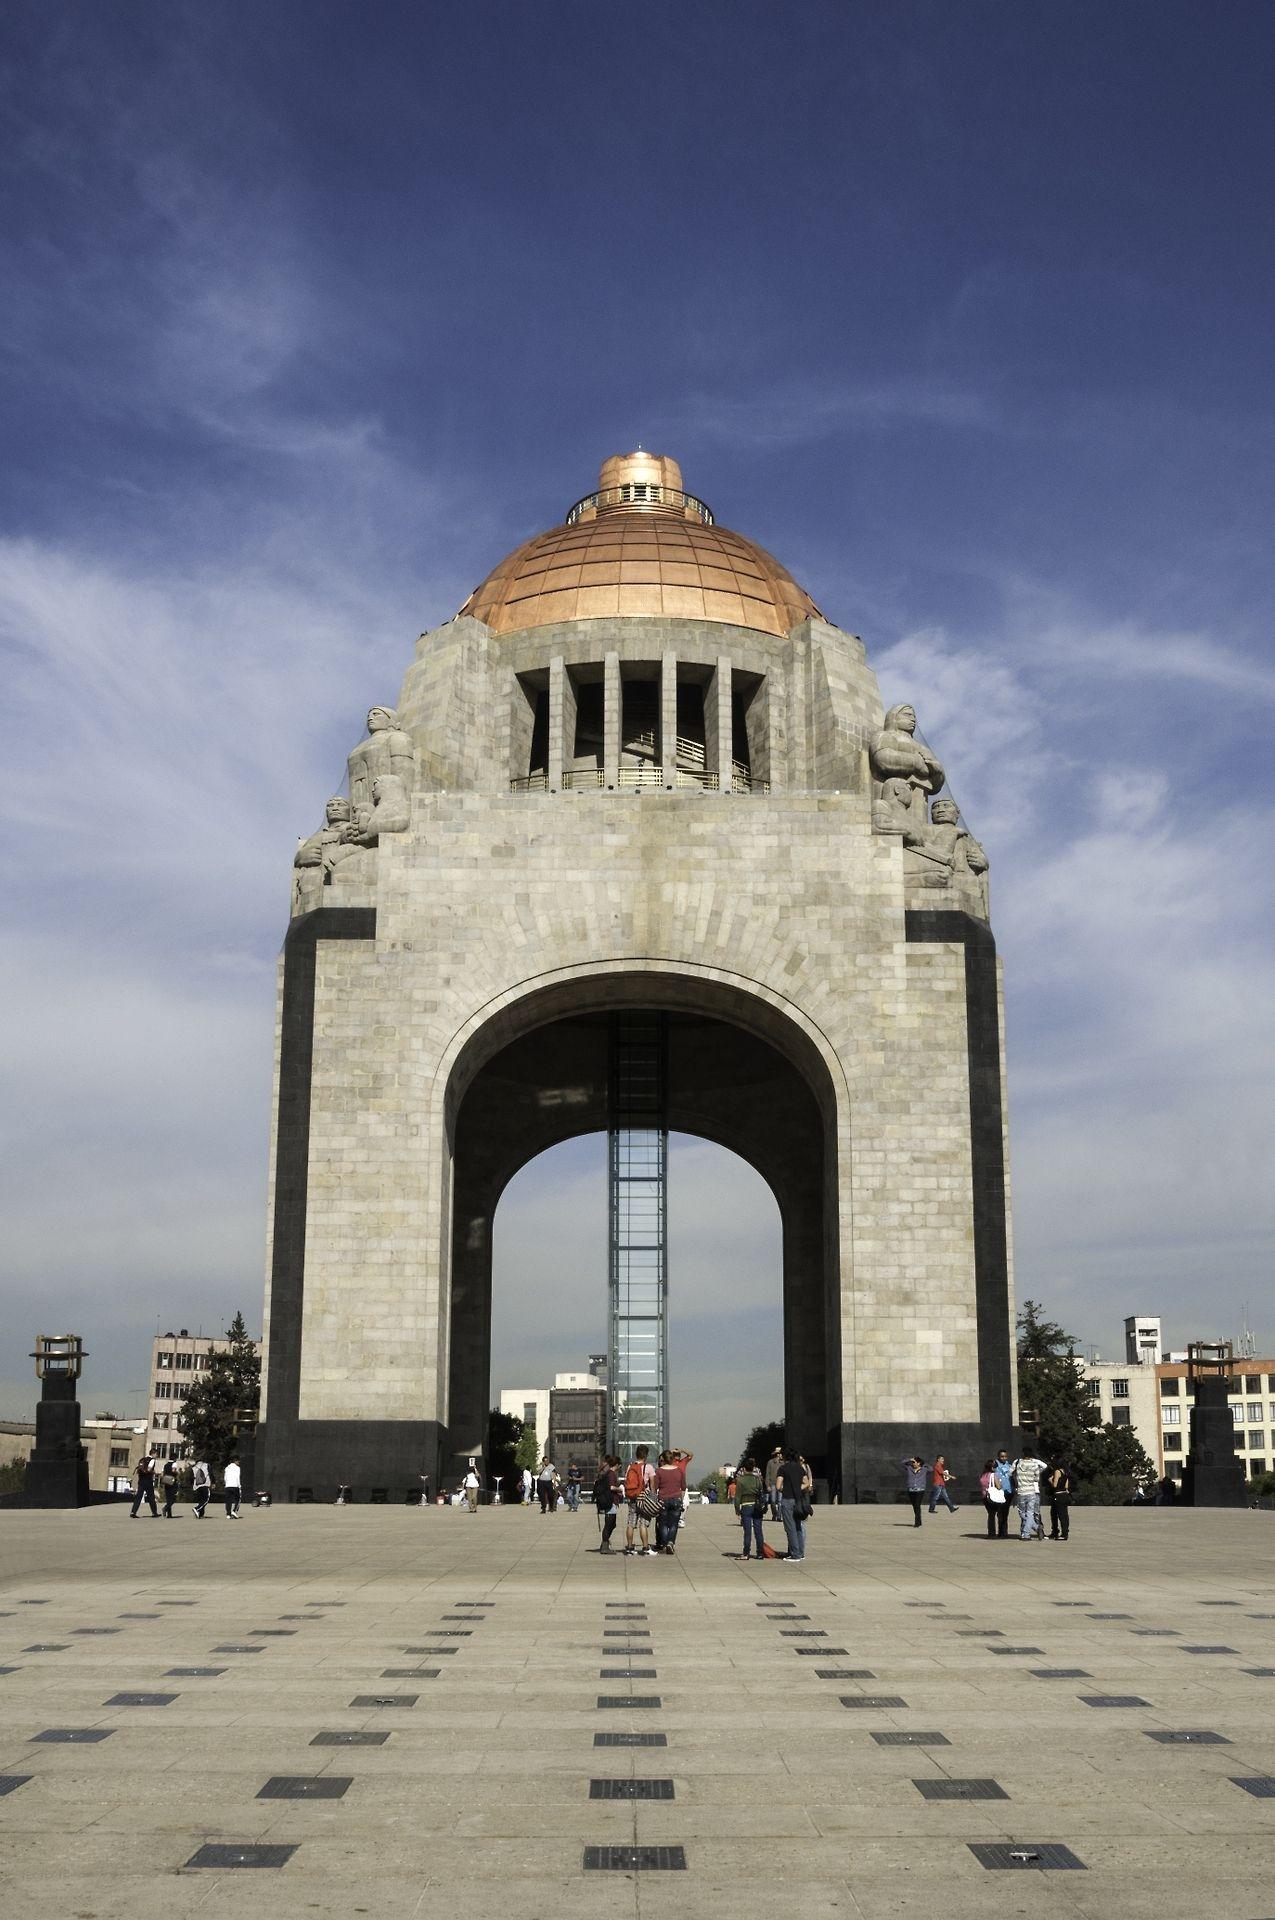 El Monumento A La Revolucion Es Uno De Los Atractivos Que Debes Visitar En Tu Viaje Por El Df Un Monumento Hist Monumento Fotos De Mexico Lugares Preciosos